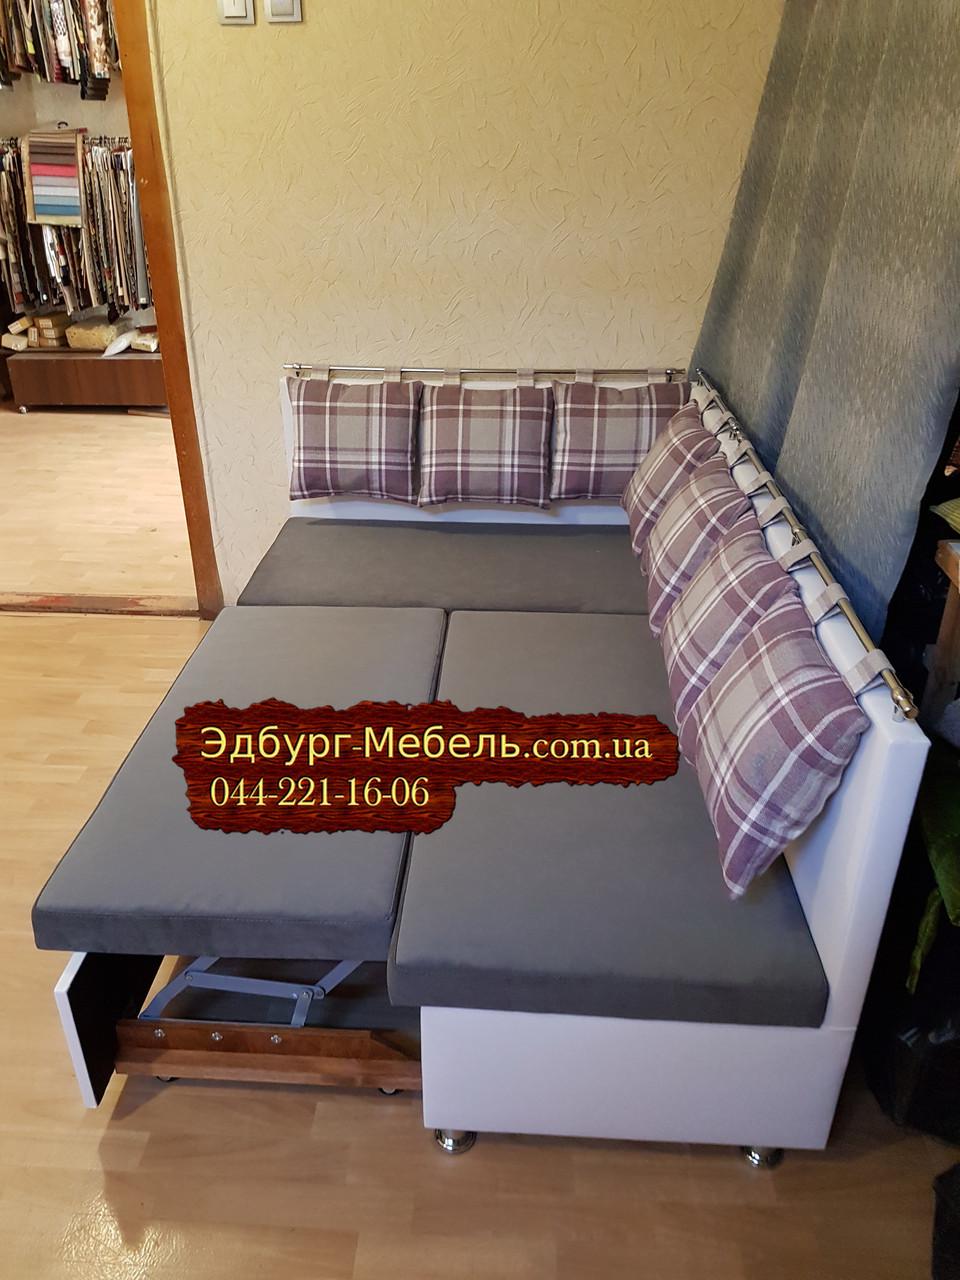 Кухонный уголок Комфорт со спальным местом в наличии